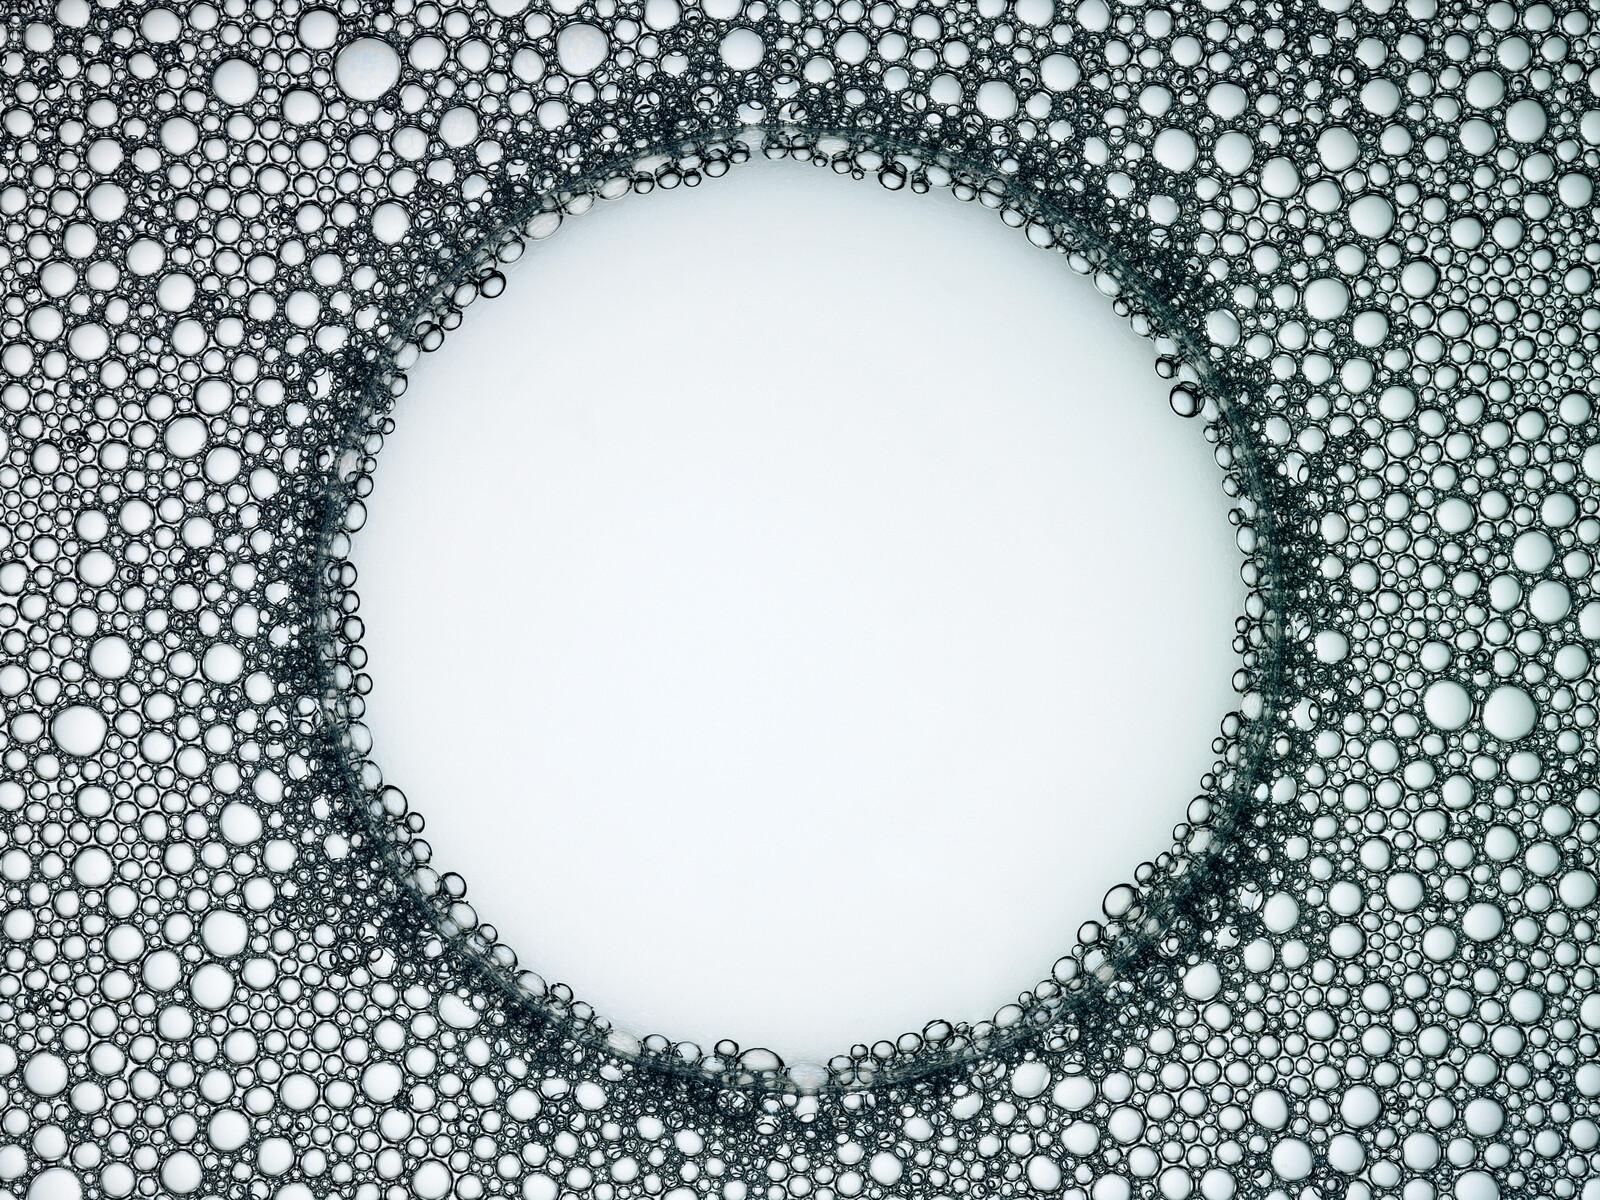 Liquid universe VI - Thanh-khoa Tran